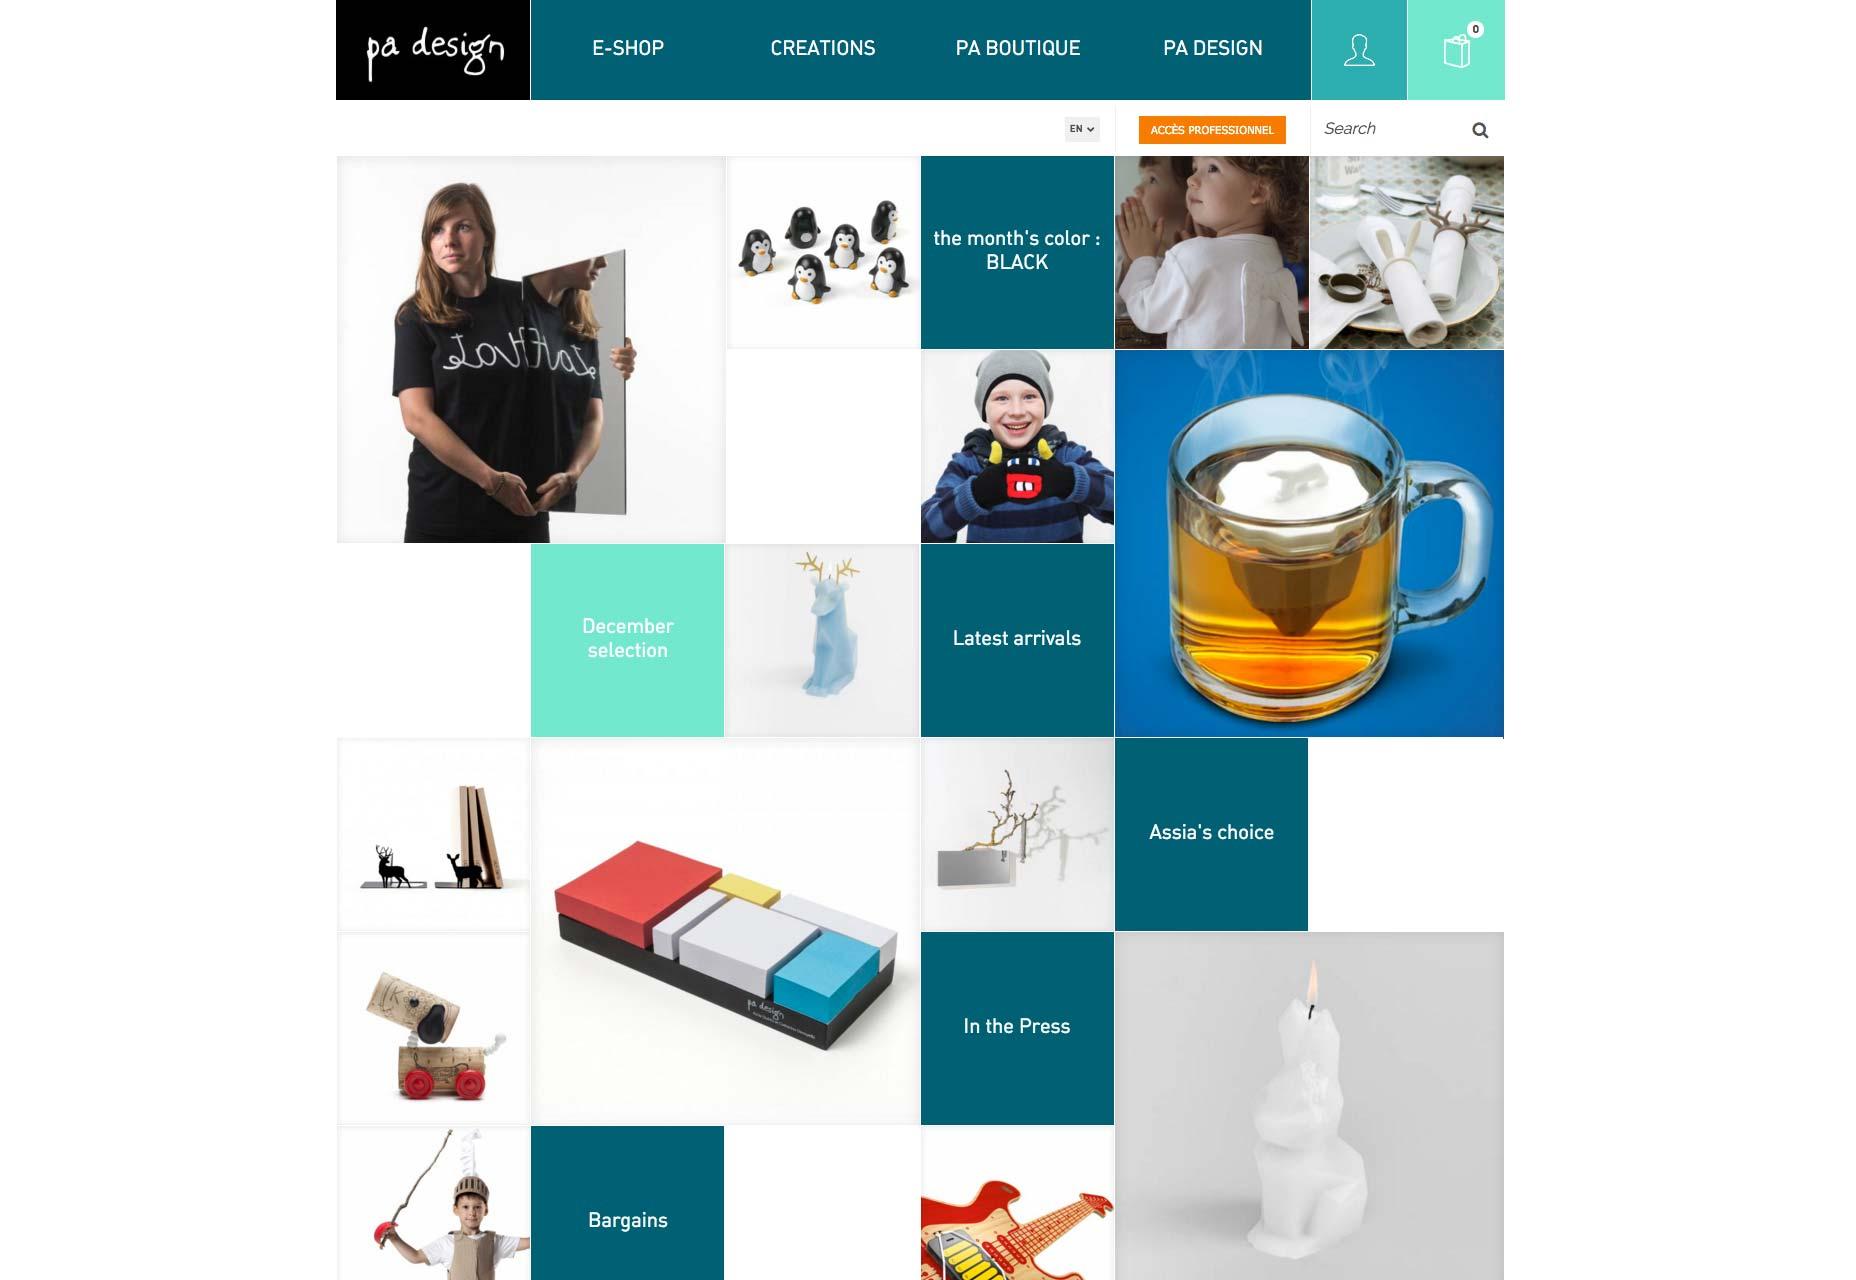 9 eCommerce design trends to embrace in 2016 | Webdesigner Depot